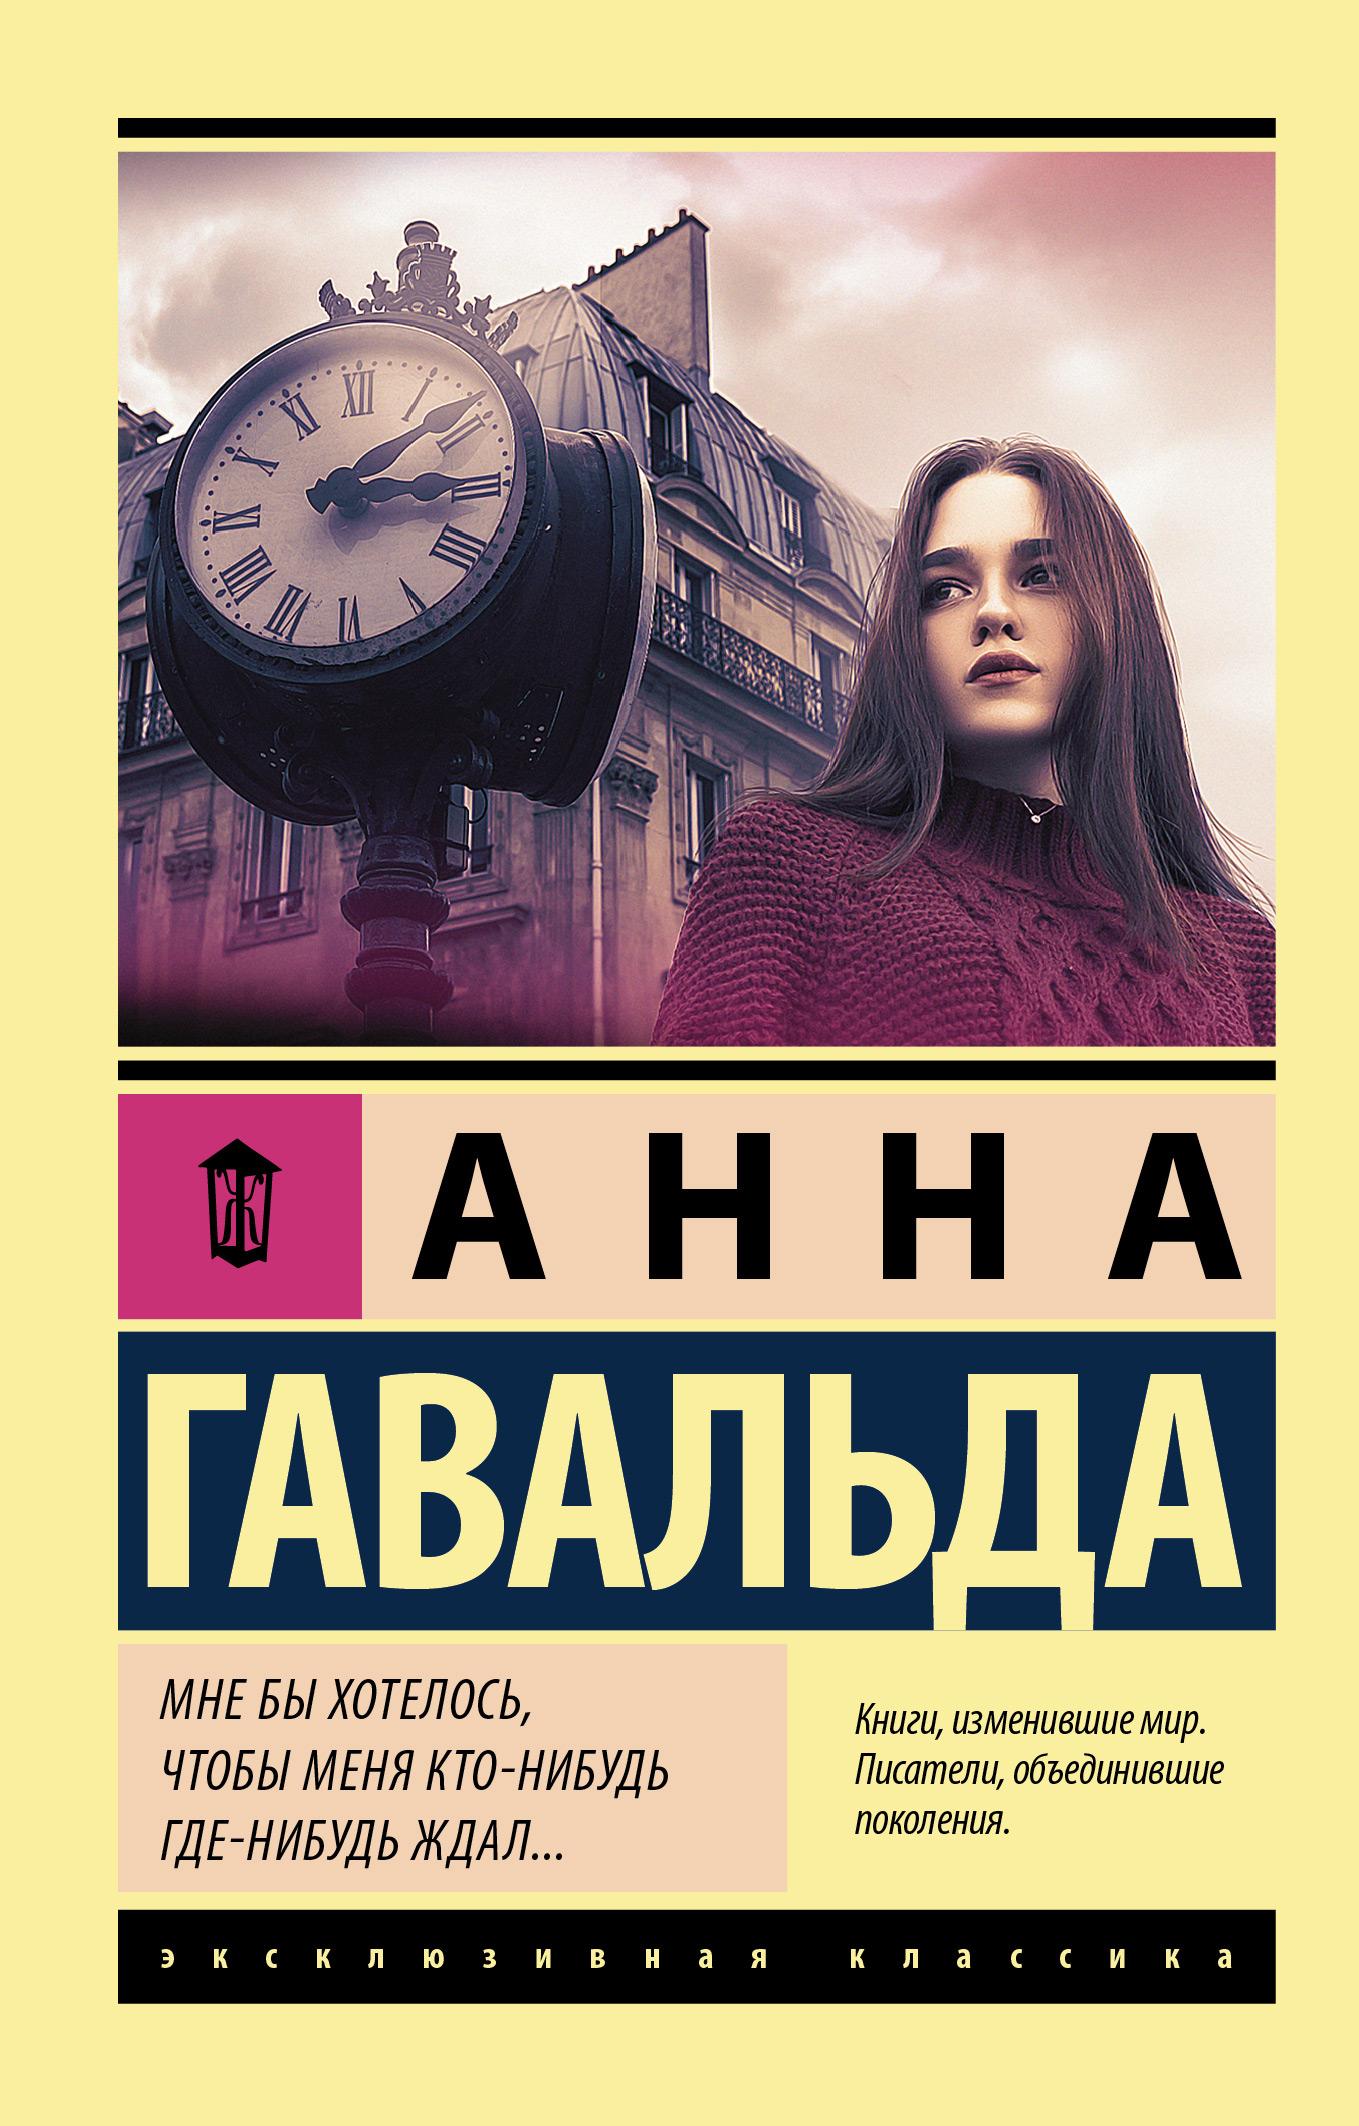 Анна Гавальда Мне бы хотелось, чтобы меня кто-нибудь где-нибудь ждал… (сборник) анна гавальда матильда